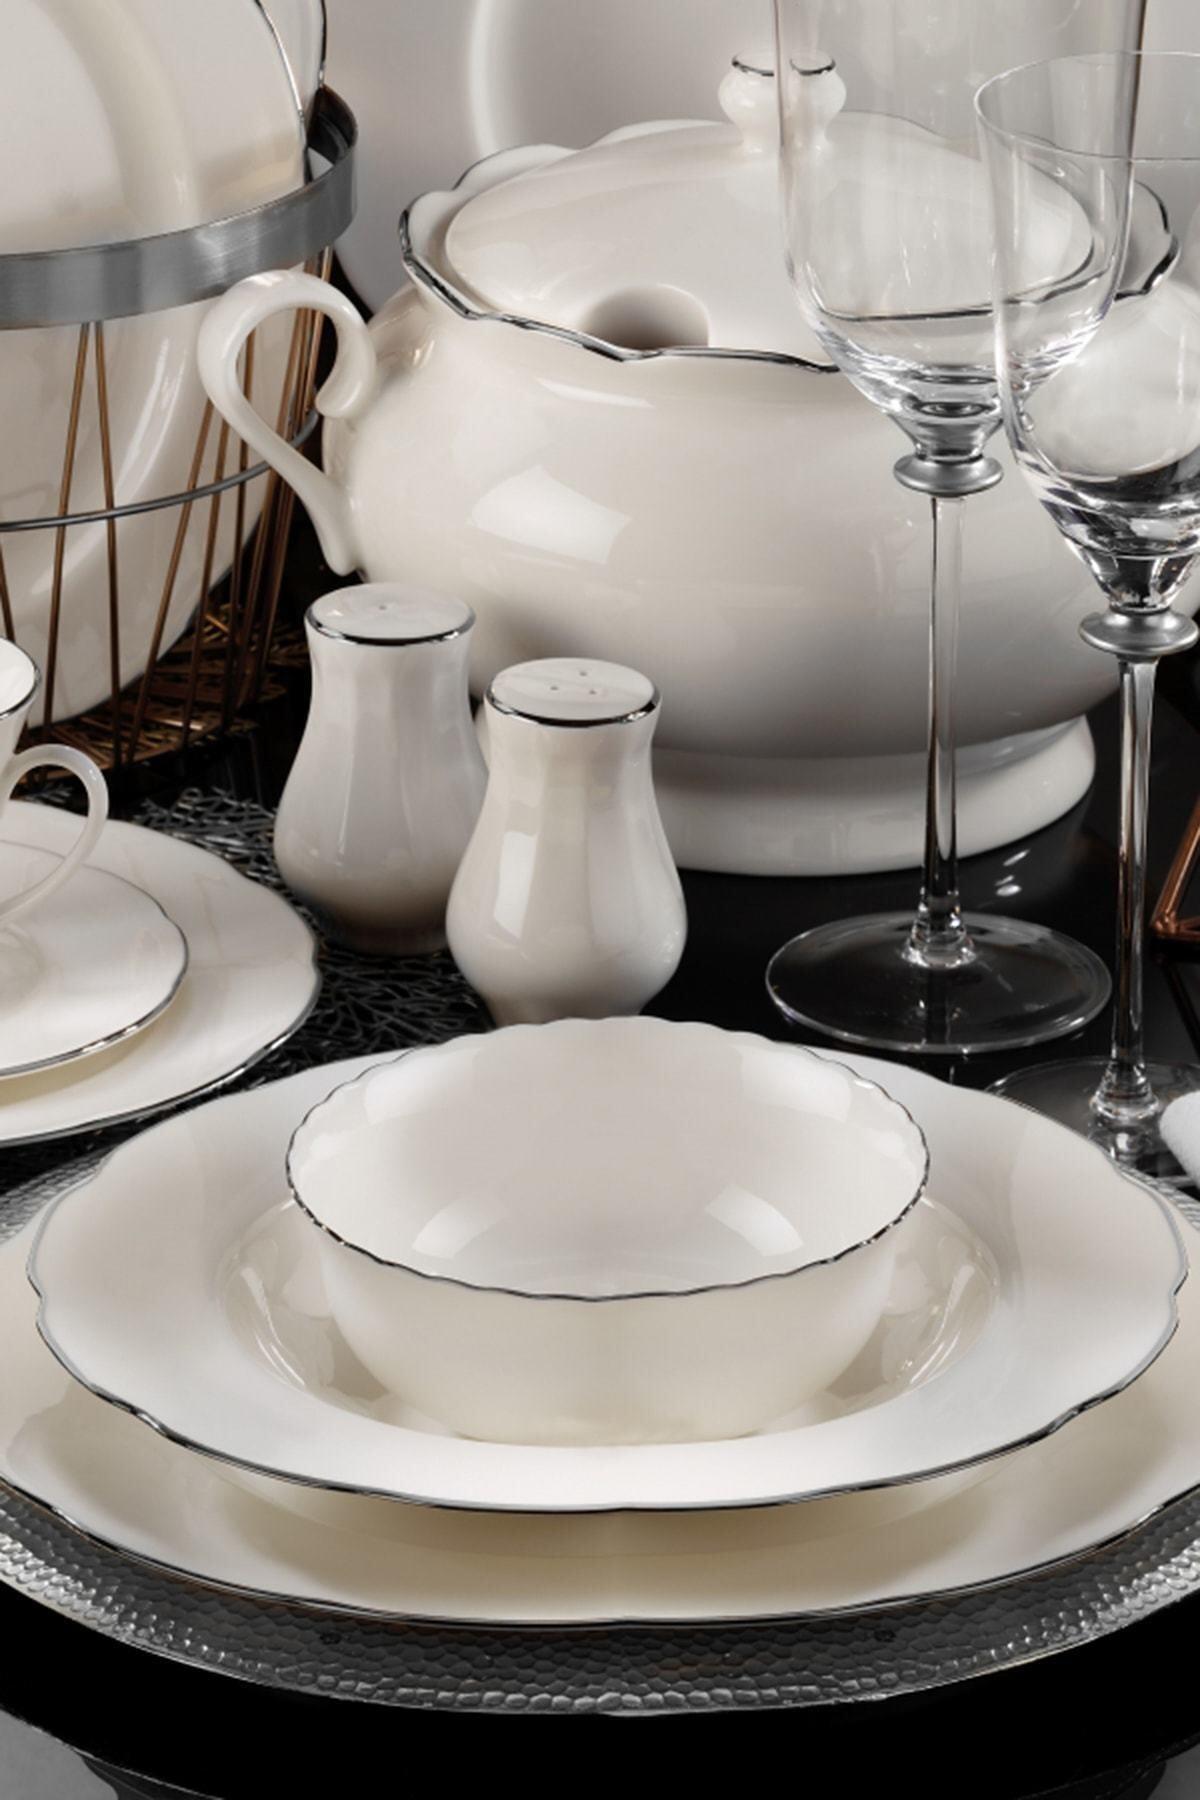 Kütahya Porselen Olympos 83 Parça Yemek Takımı Platın File Bnoly83yt220 2